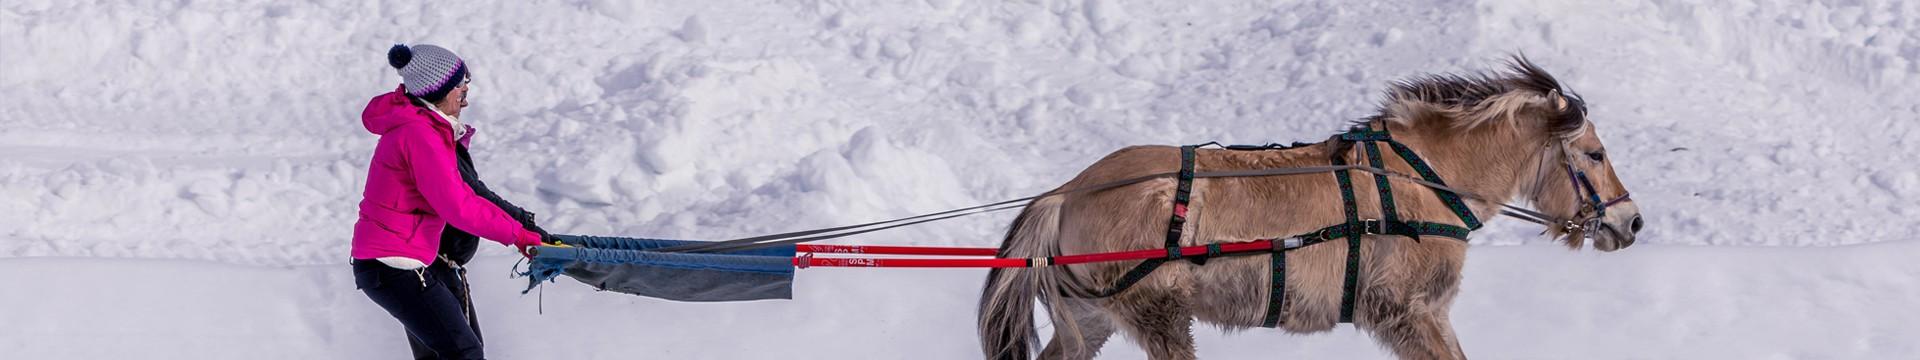 ski-joering-01-8996